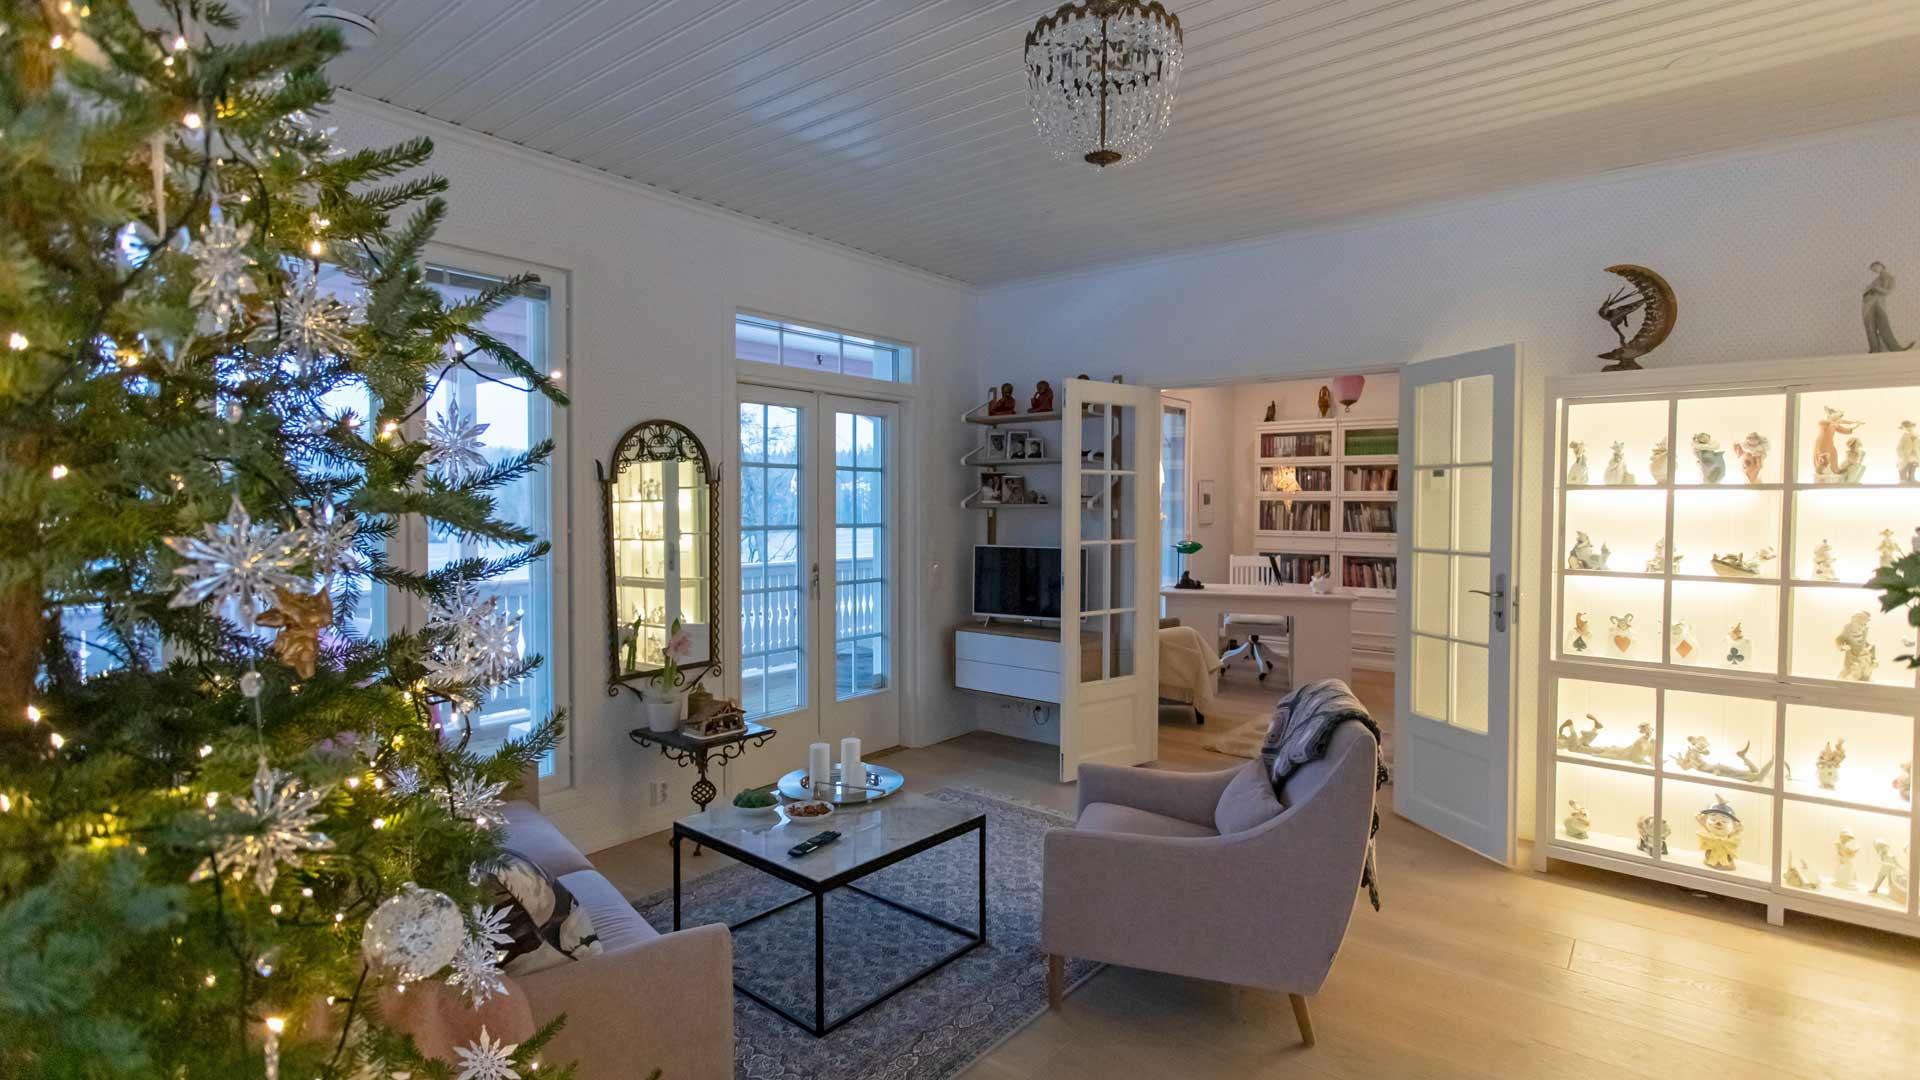 Armi osaa arvostaa kotiaan, jossa lähes kaikilla huonekaluilla ja esineillä on oma tarinansa.